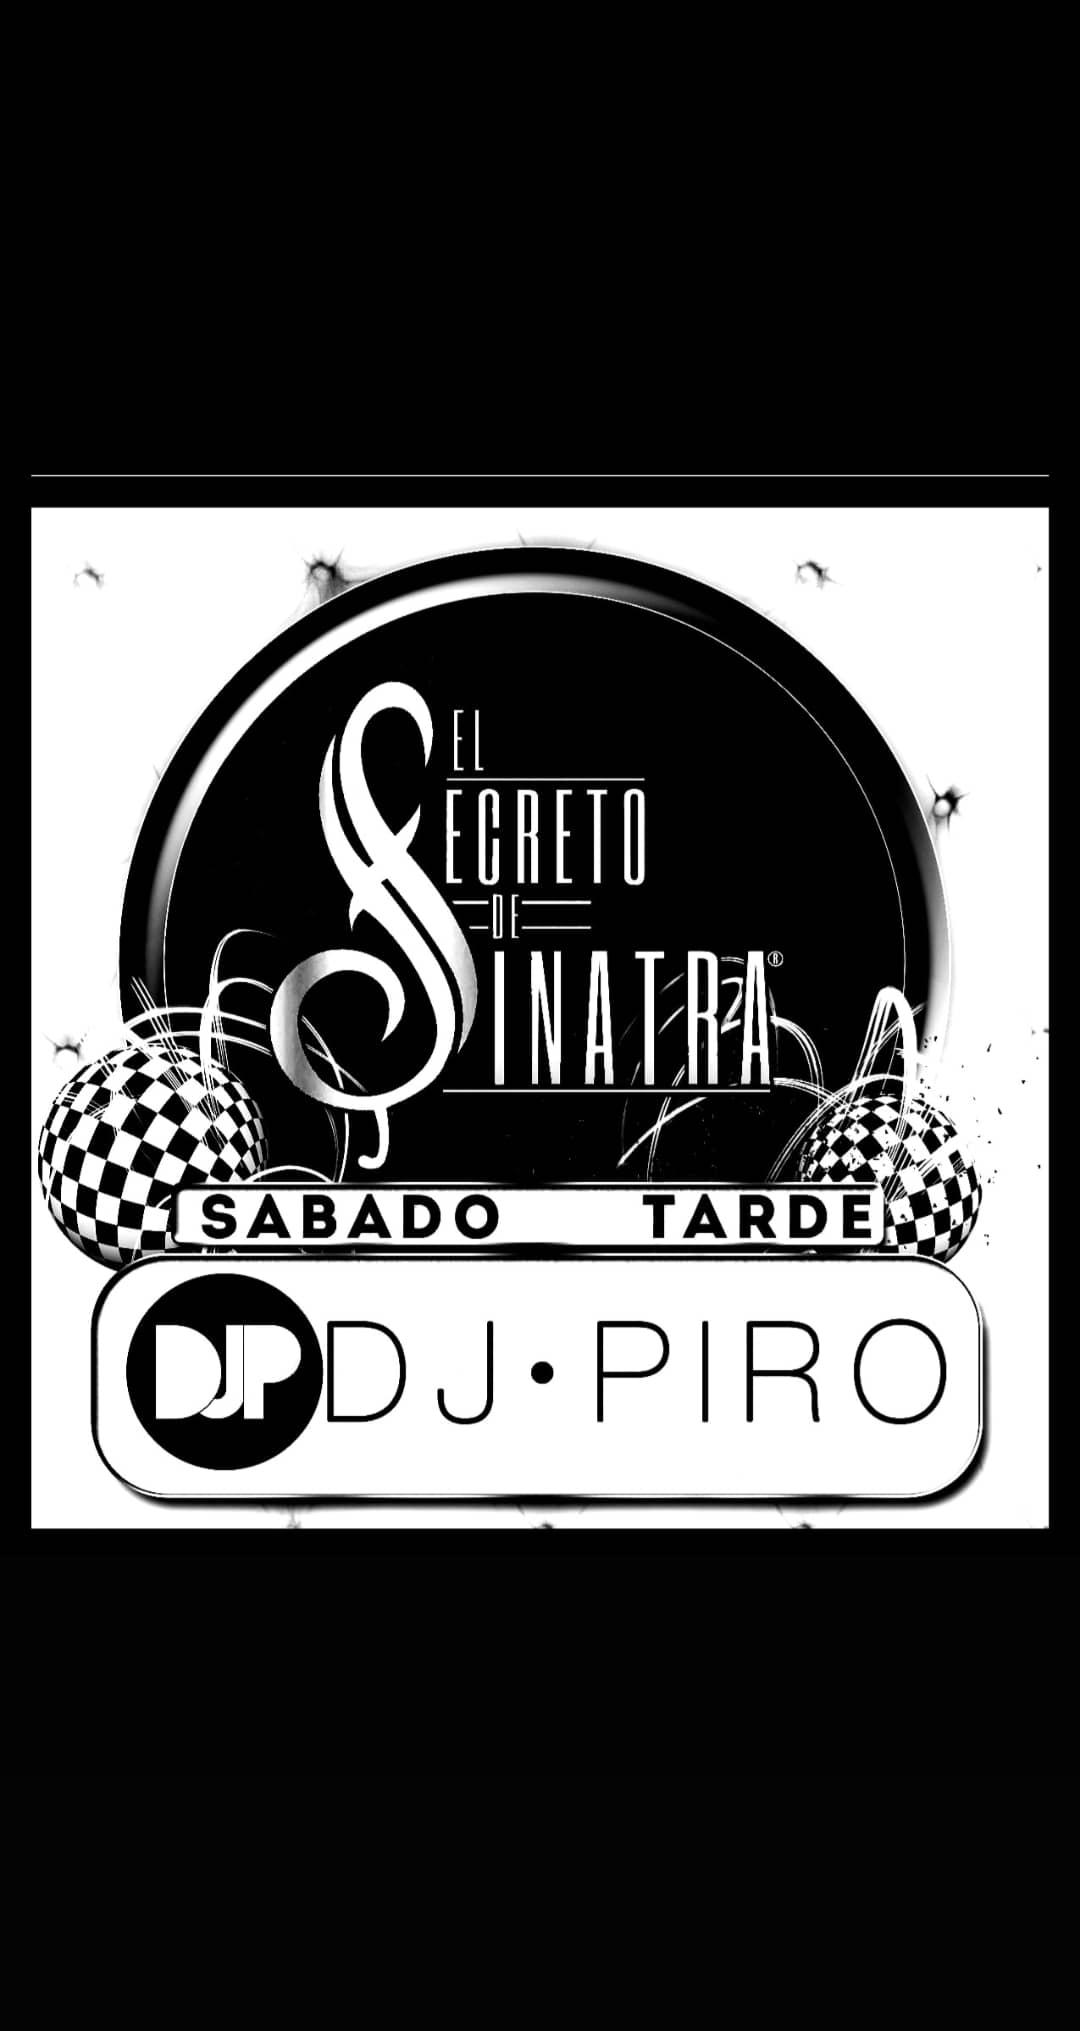 El Secreto De Sinatra Tardeo 20 Abril